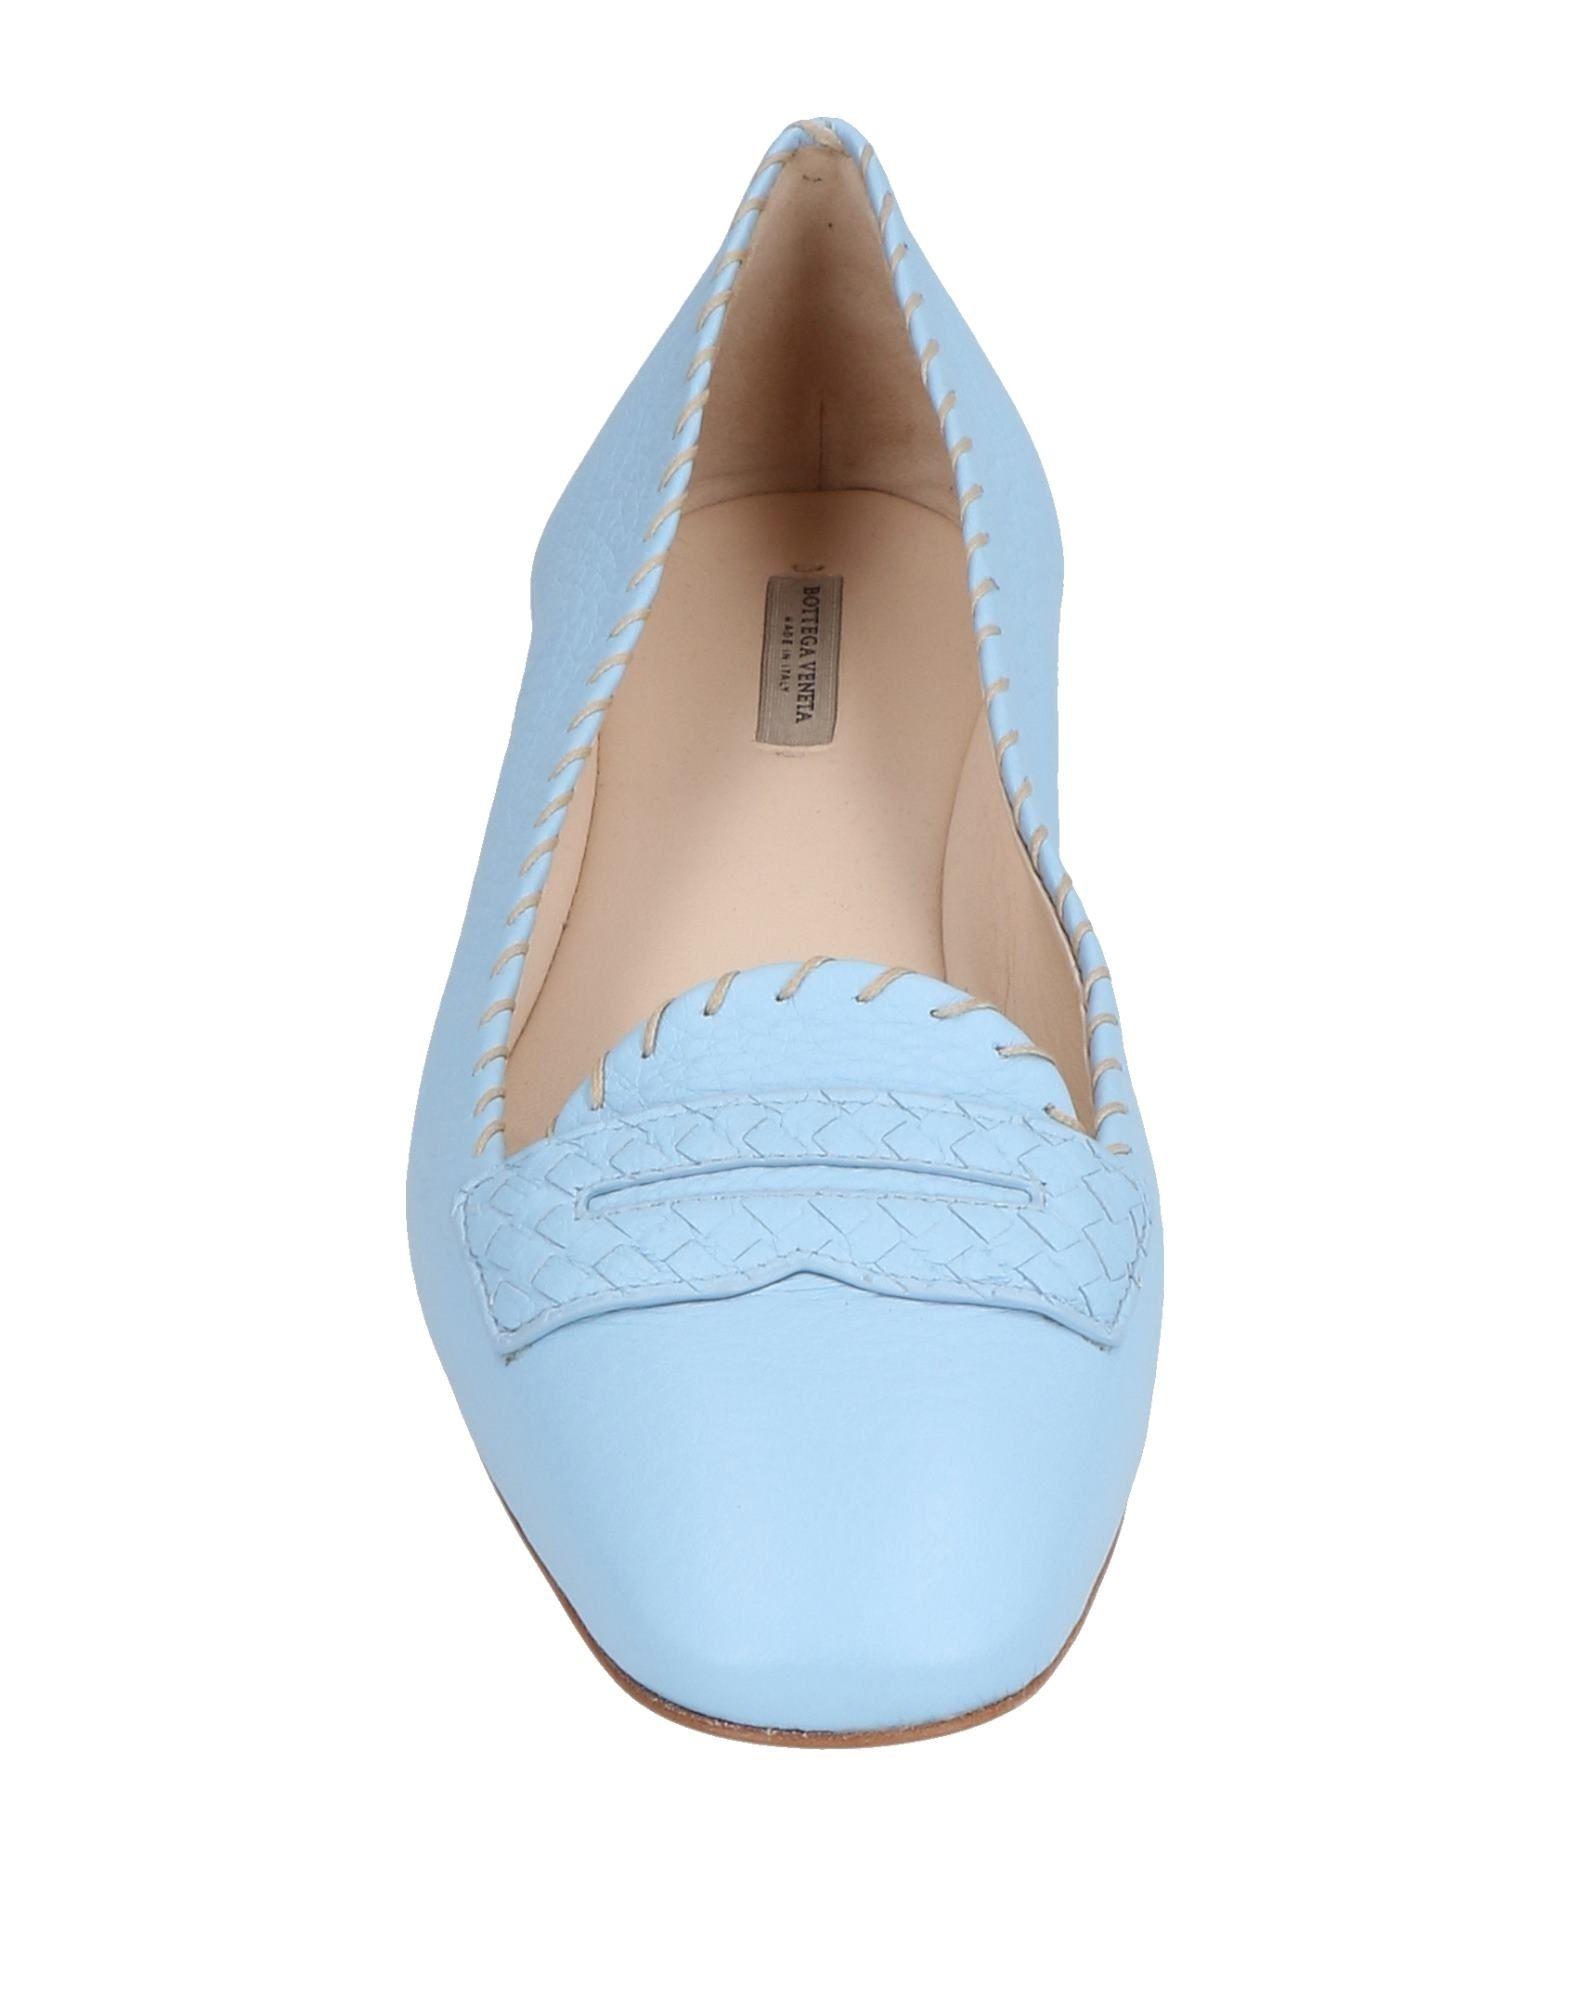 Bottega Veneta Ballerinas Damen  Schuhe 11484926DKGünstige gut aussehende Schuhe  27f886